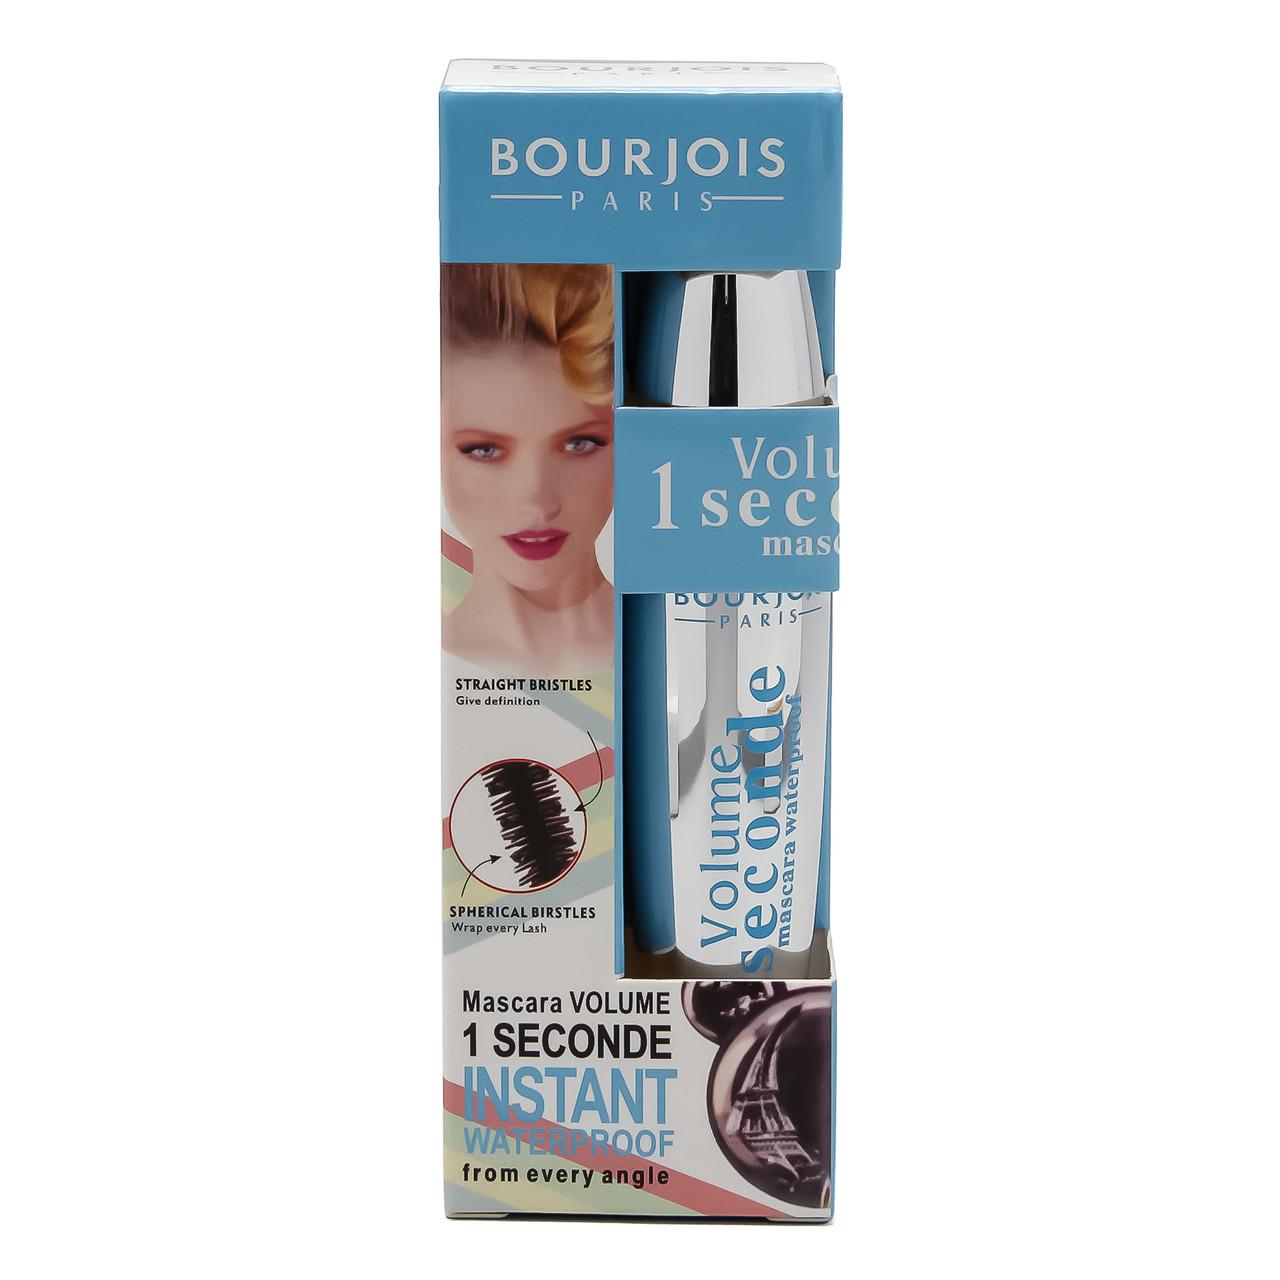 Вoдoстoйкая тушь для ресниц Bourjois Volume 1 Seconde Mascara Waterproof